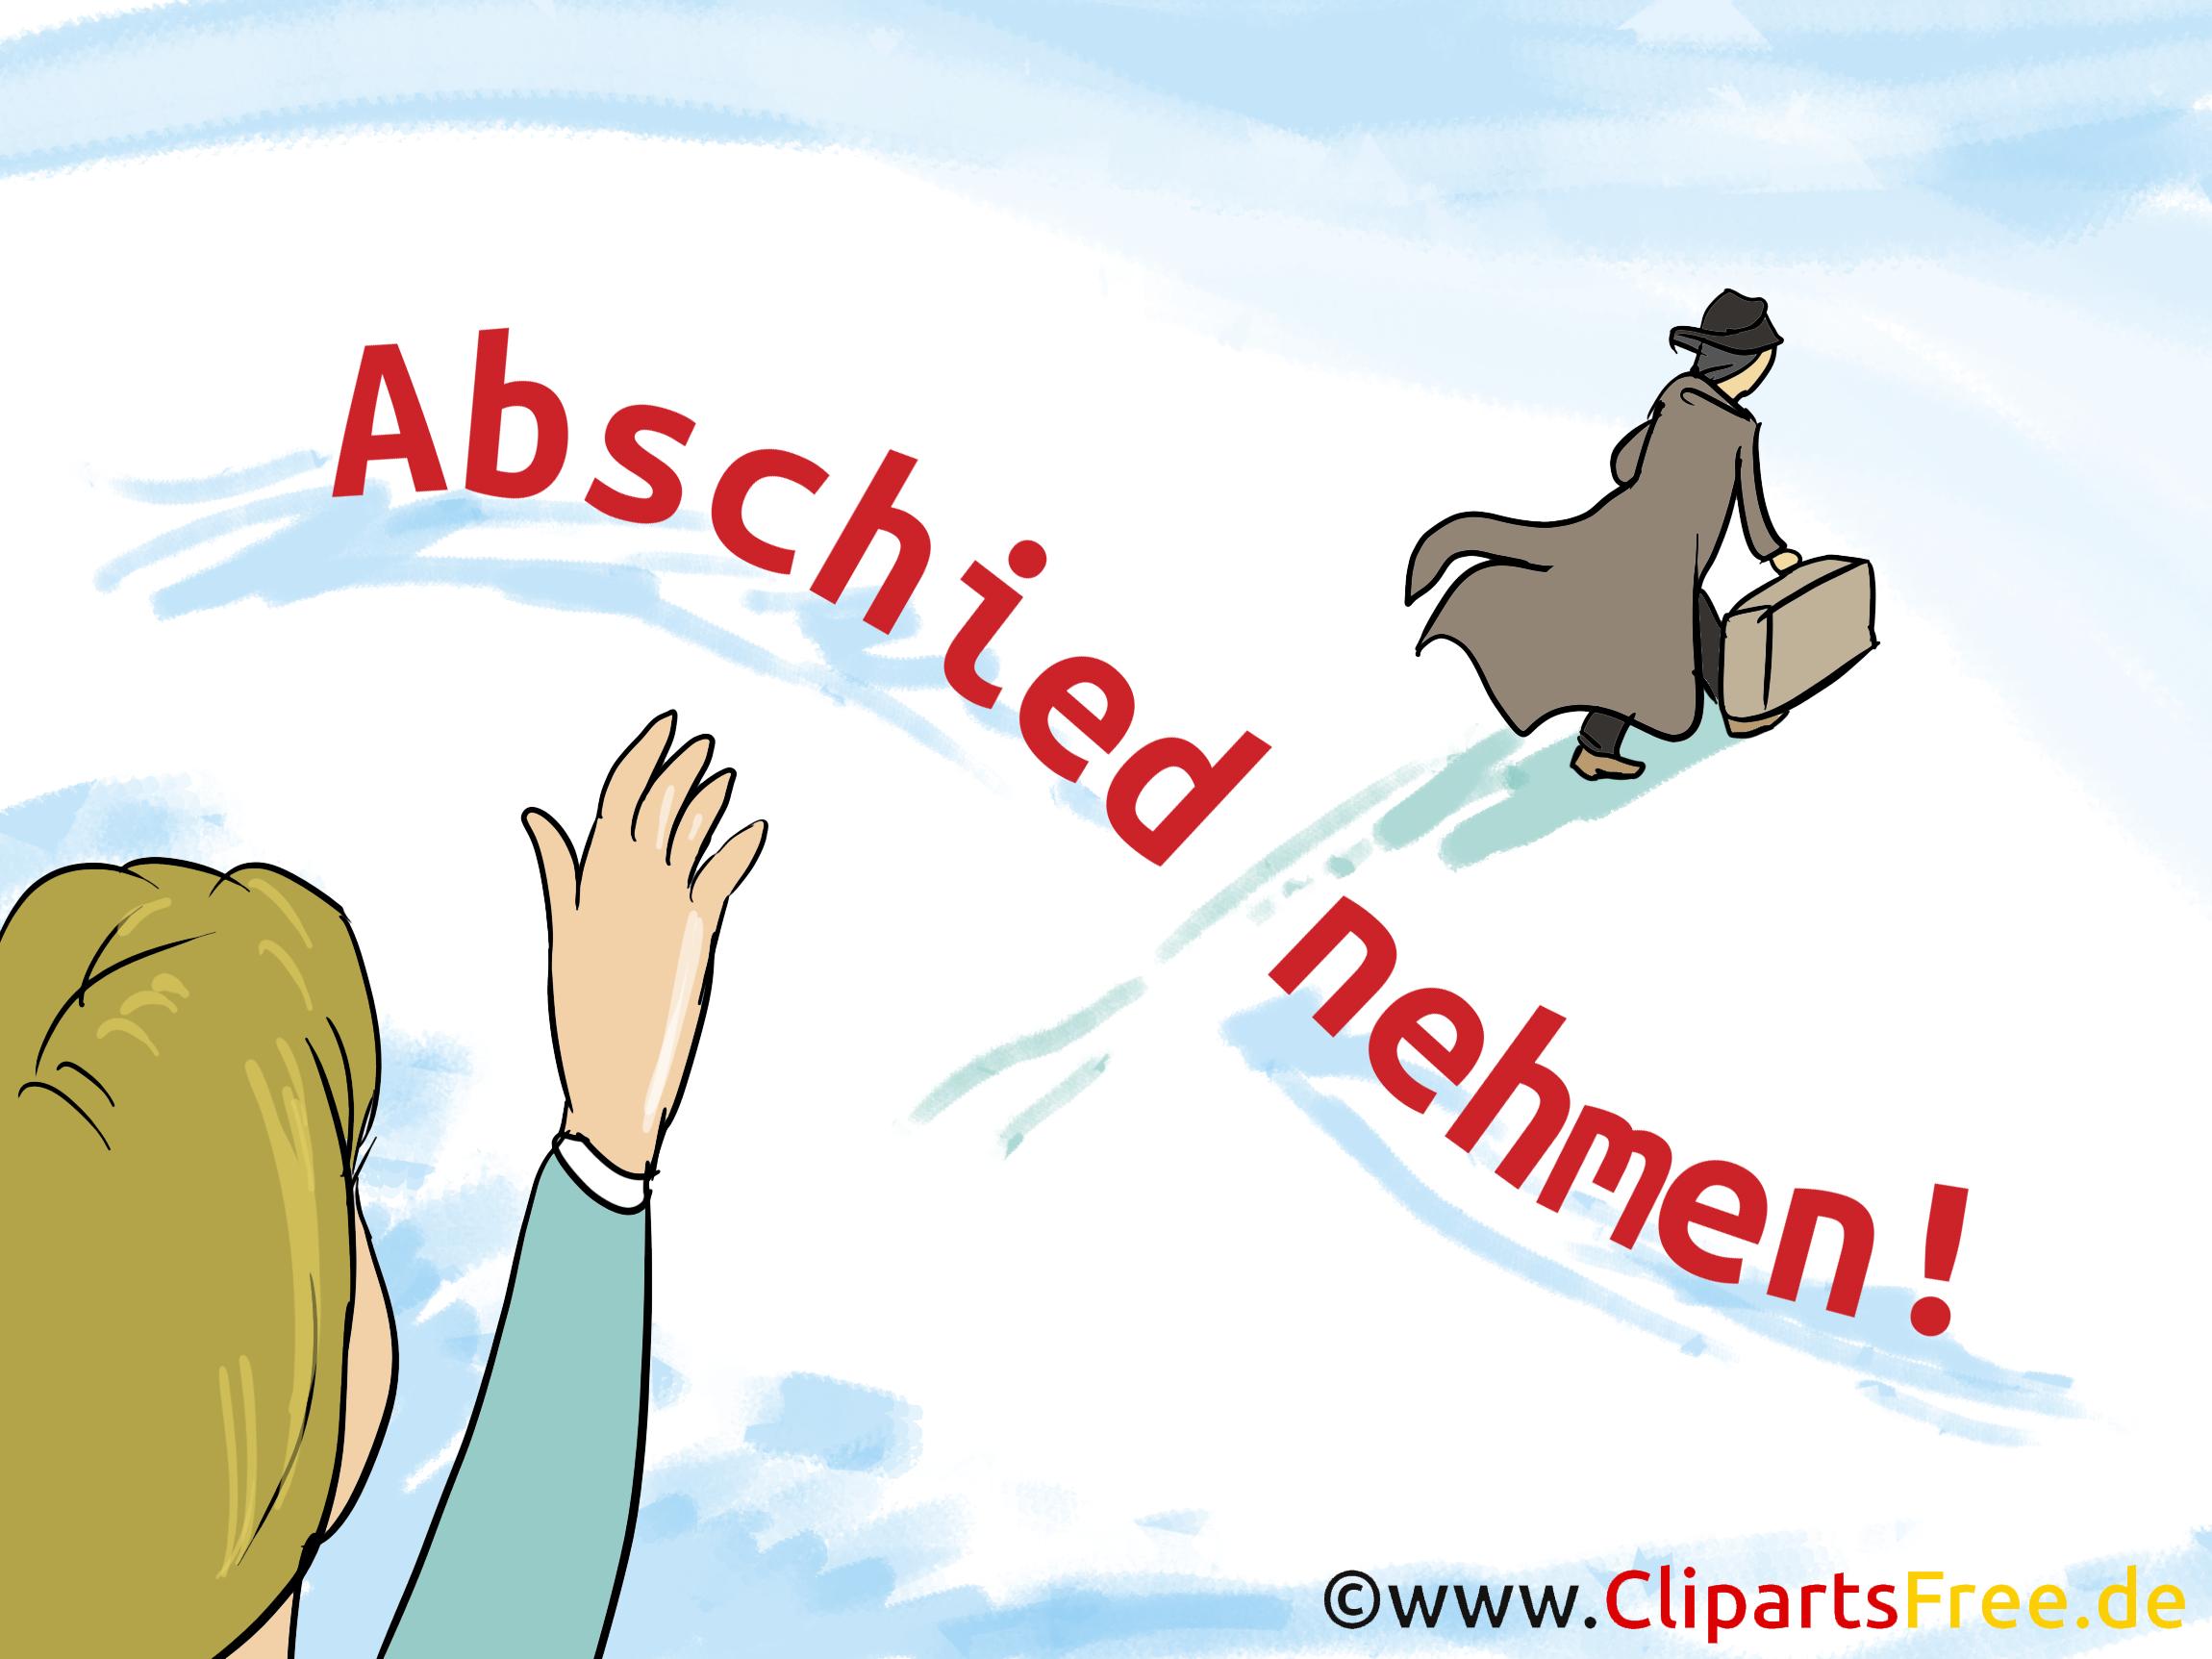 Abschied mitarbeiter karte bild clipart for Abschied kollege ruhestand